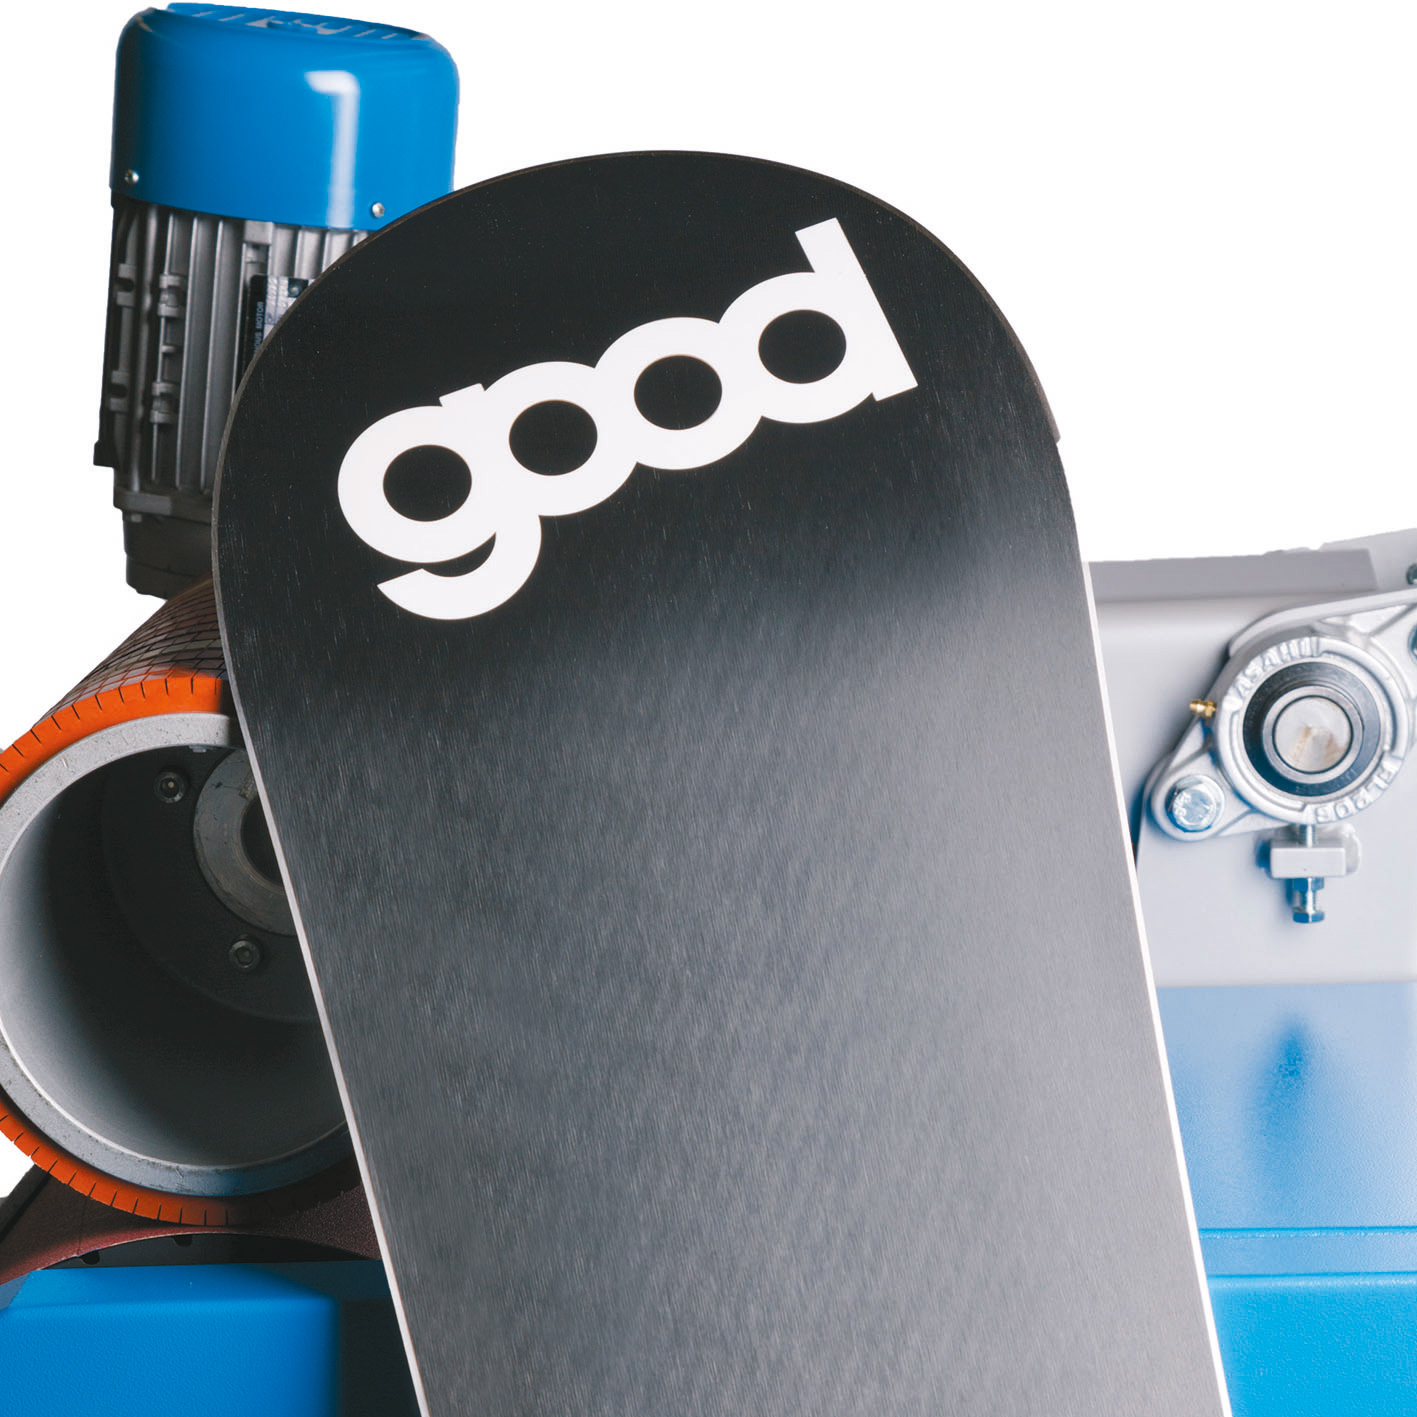 Reichmann-Ski-Board-Tuning-Belagbearbeitung-Profi-B-Vario-Schleifergebnis-Snowboard59803384bef5b